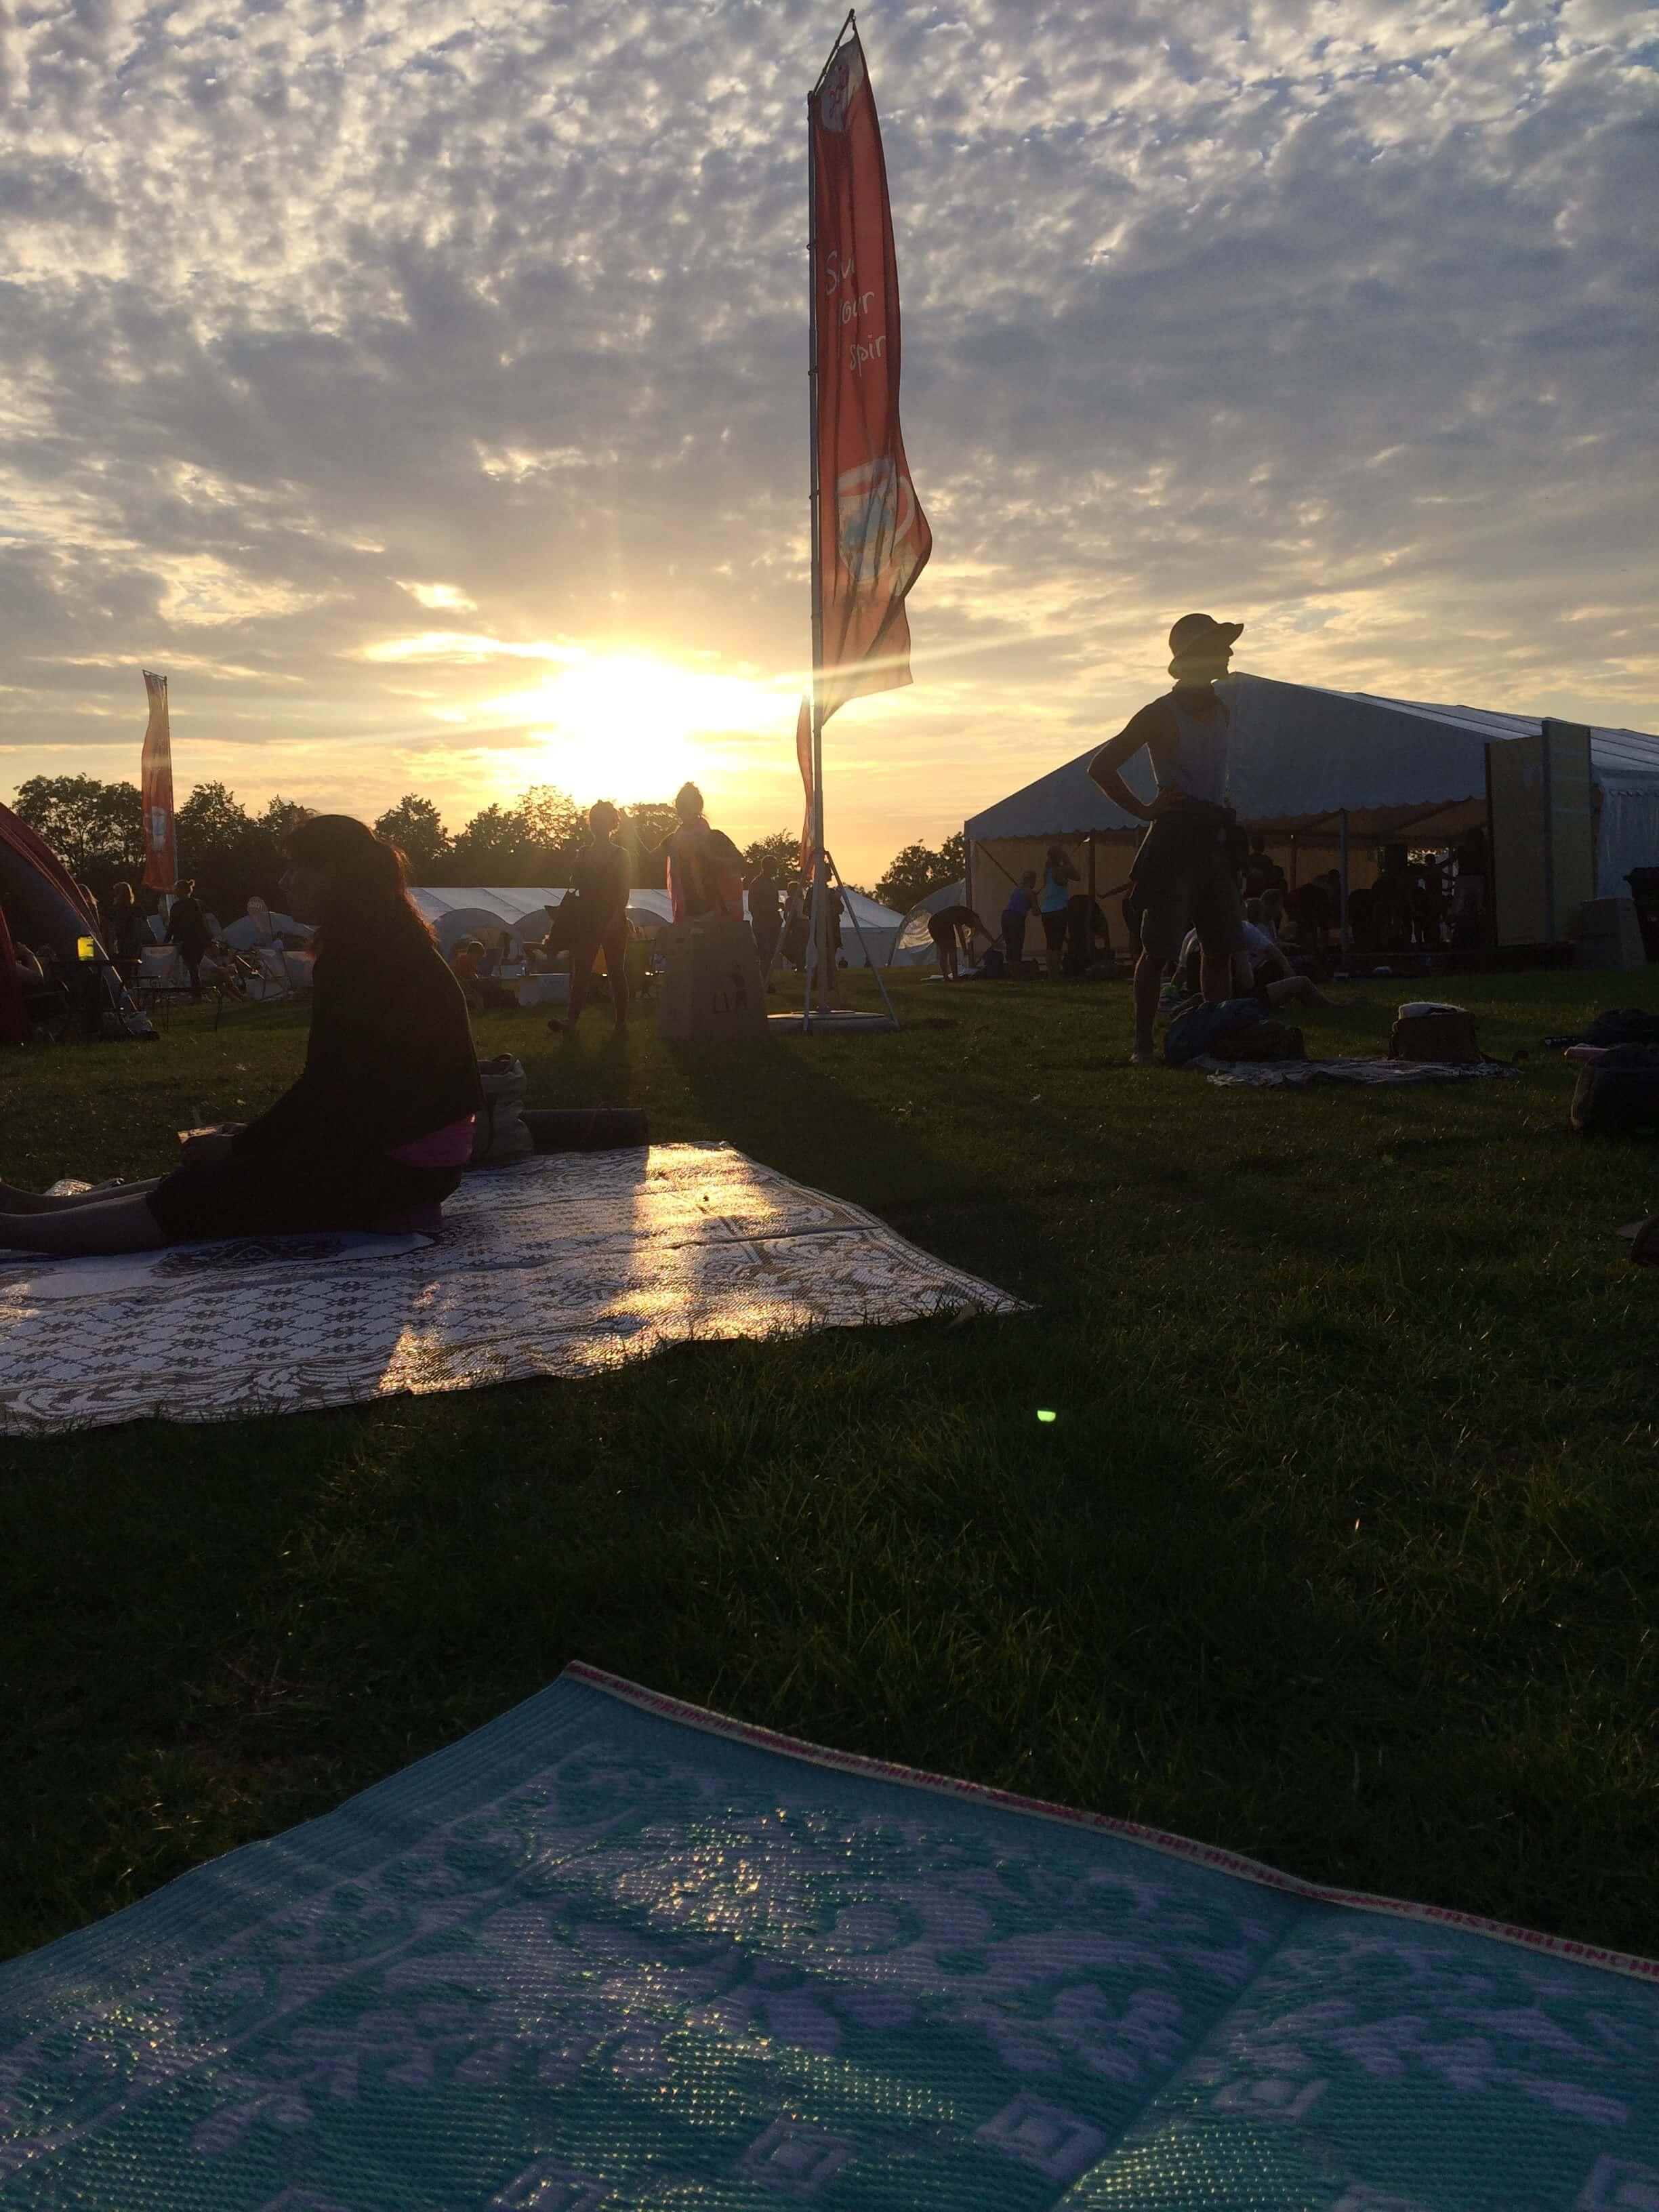 Mødt på Copenhagen Yoga Festival pladsen